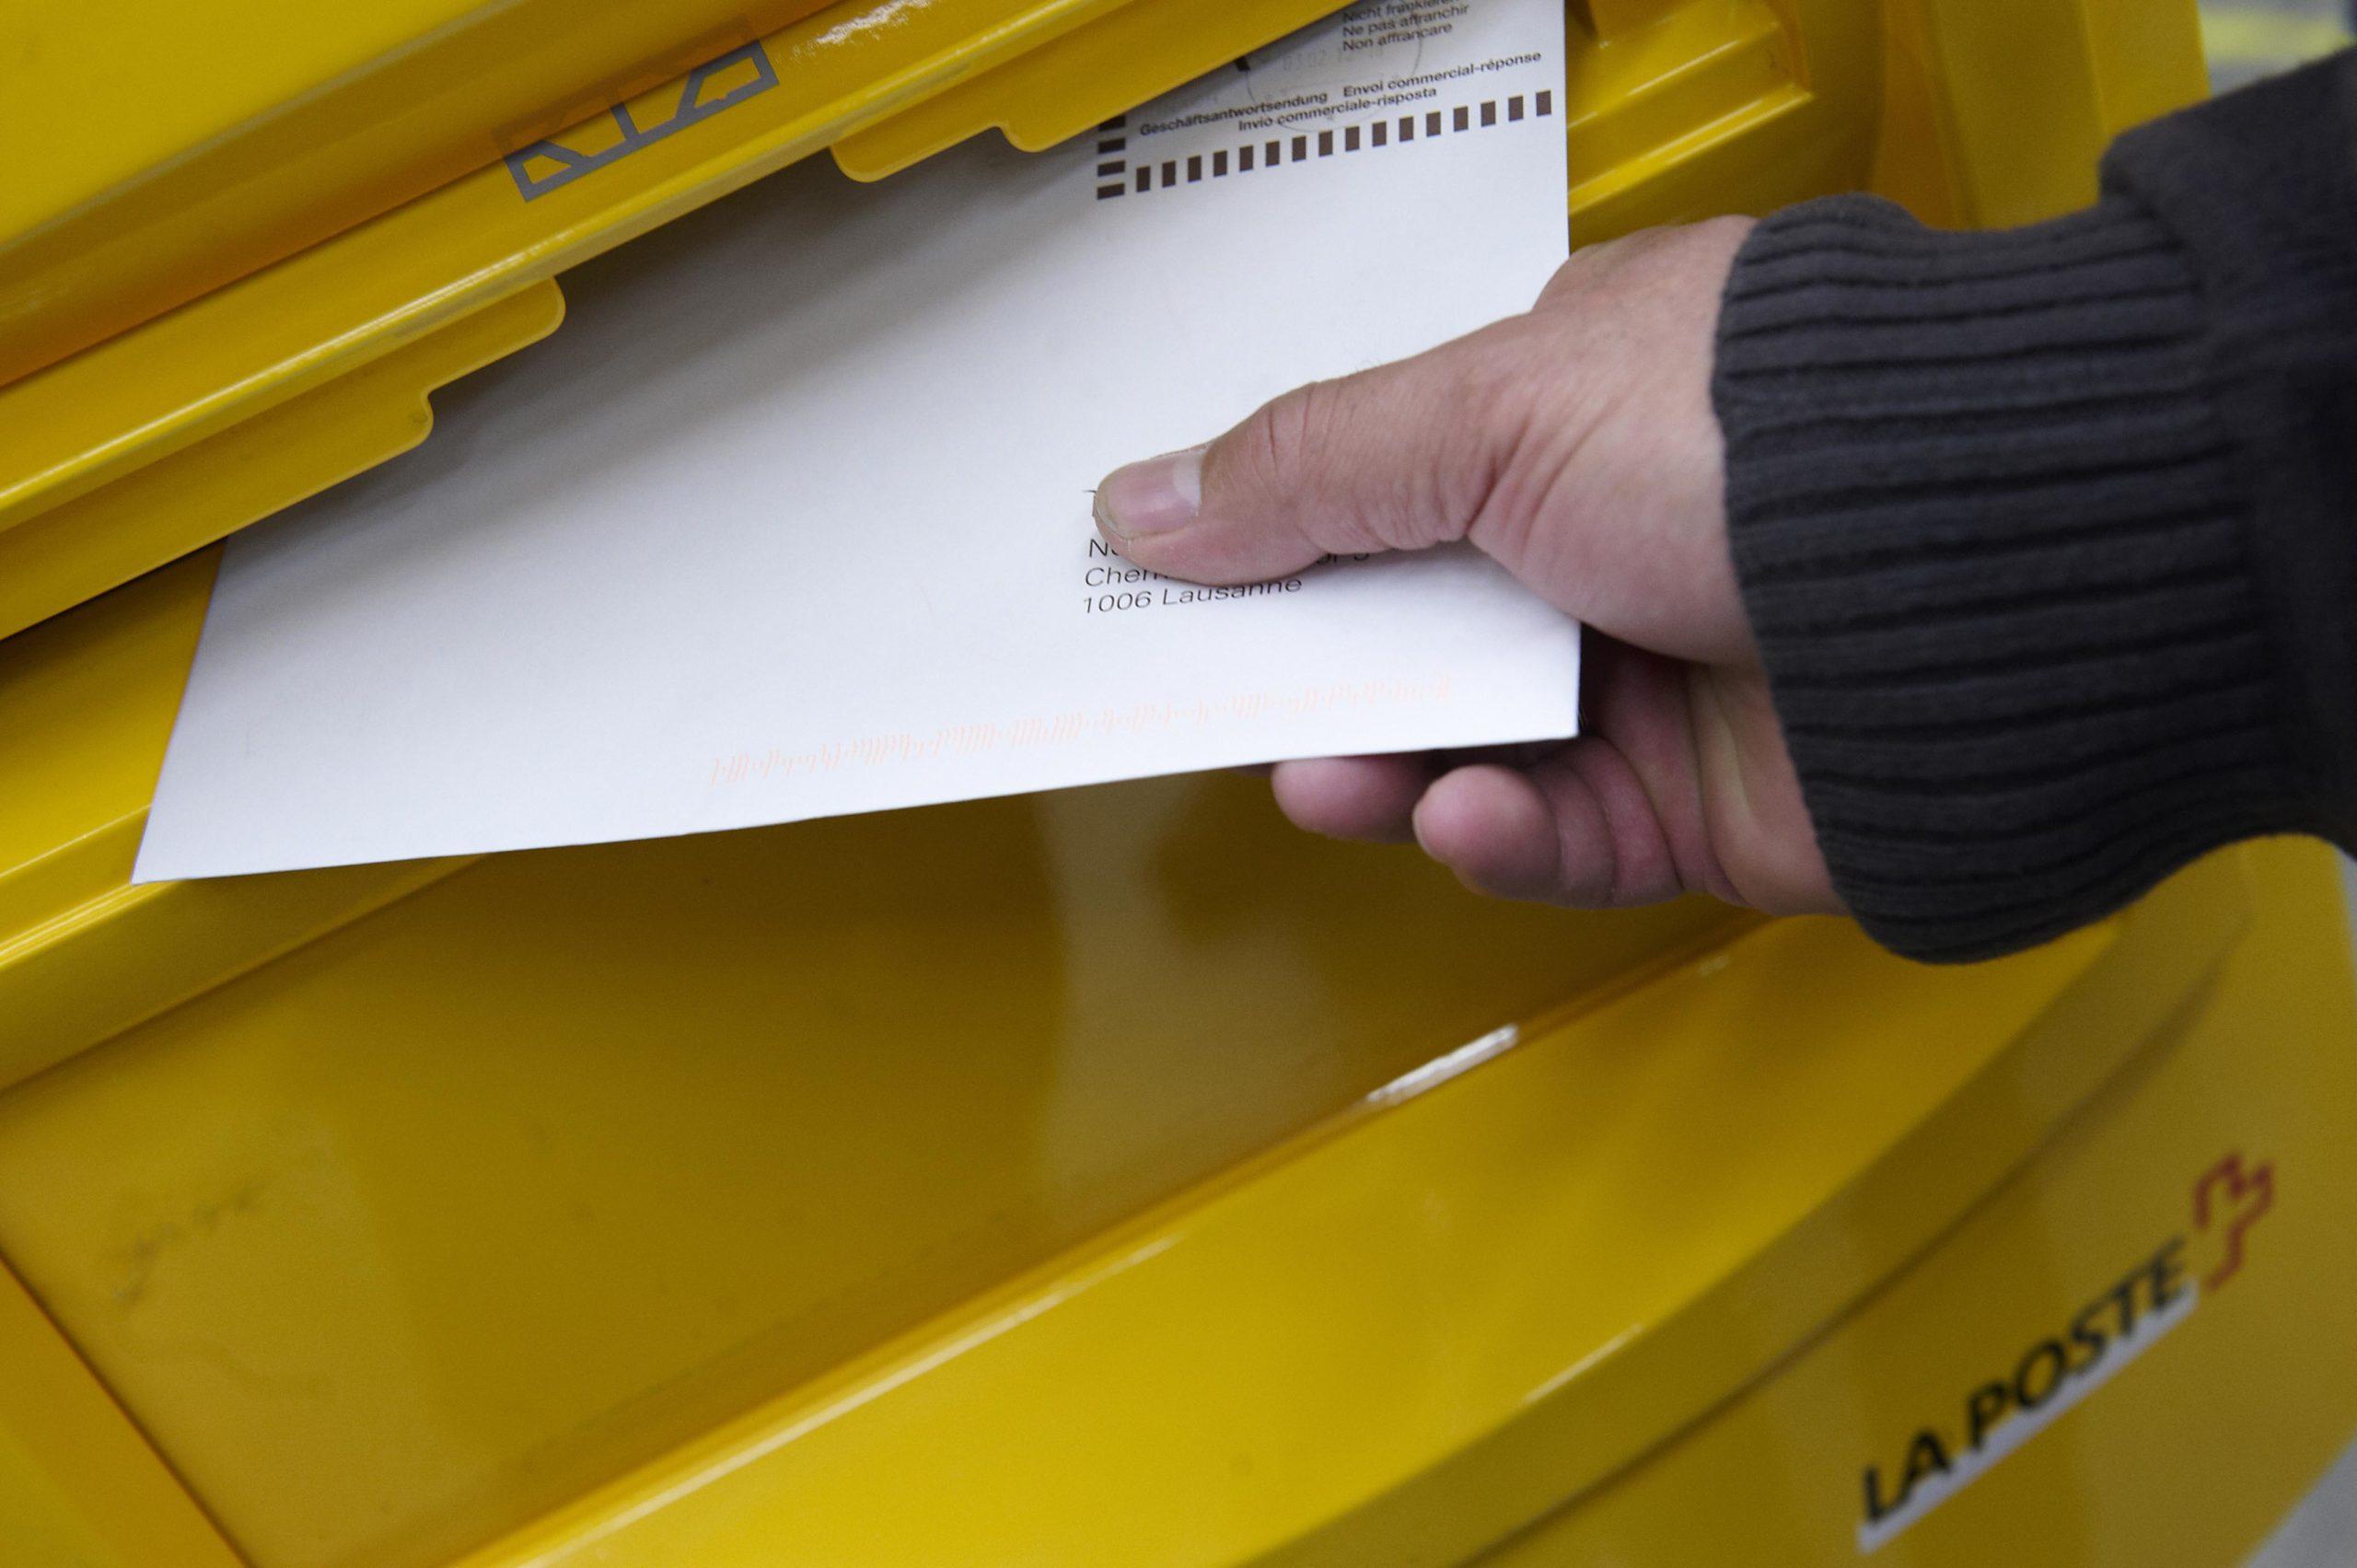 Nouvelle série d'escroqueries par les traqueurs de boîtes aux lettres